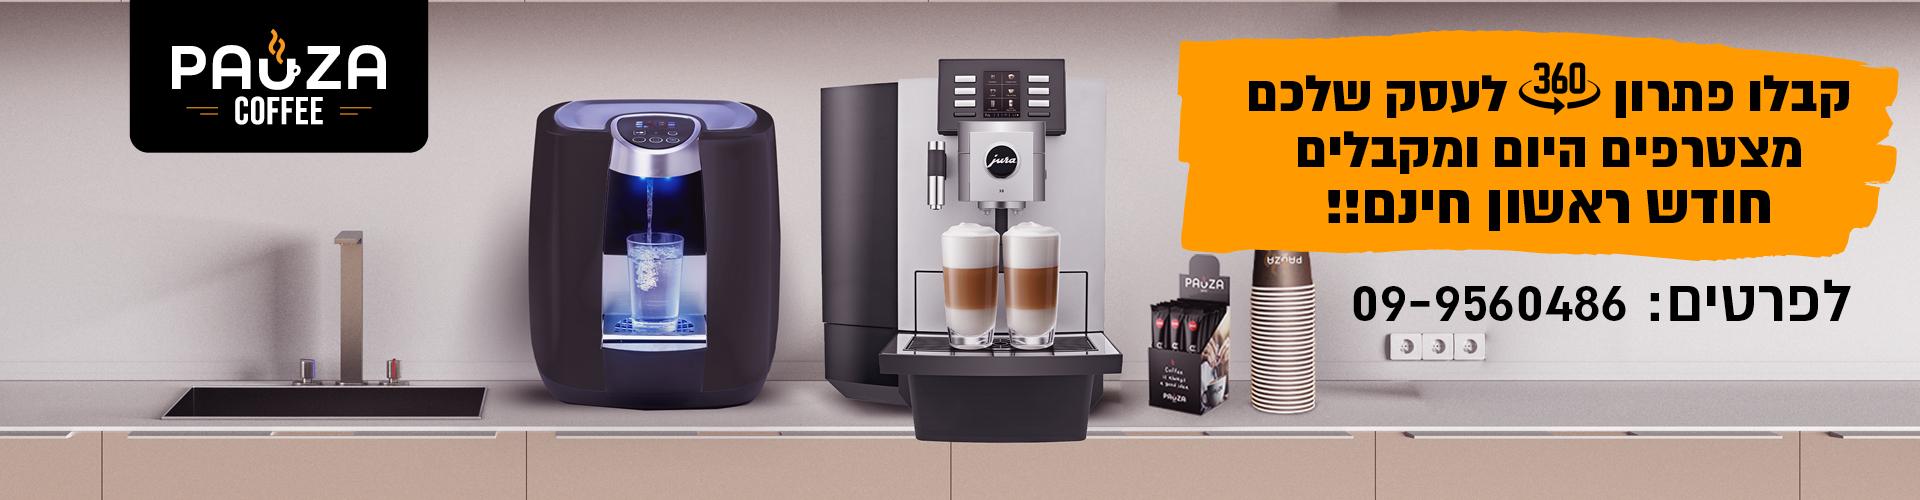 מכונות קפה מומלצות ופתרונות קפה לעסק ולבית 3